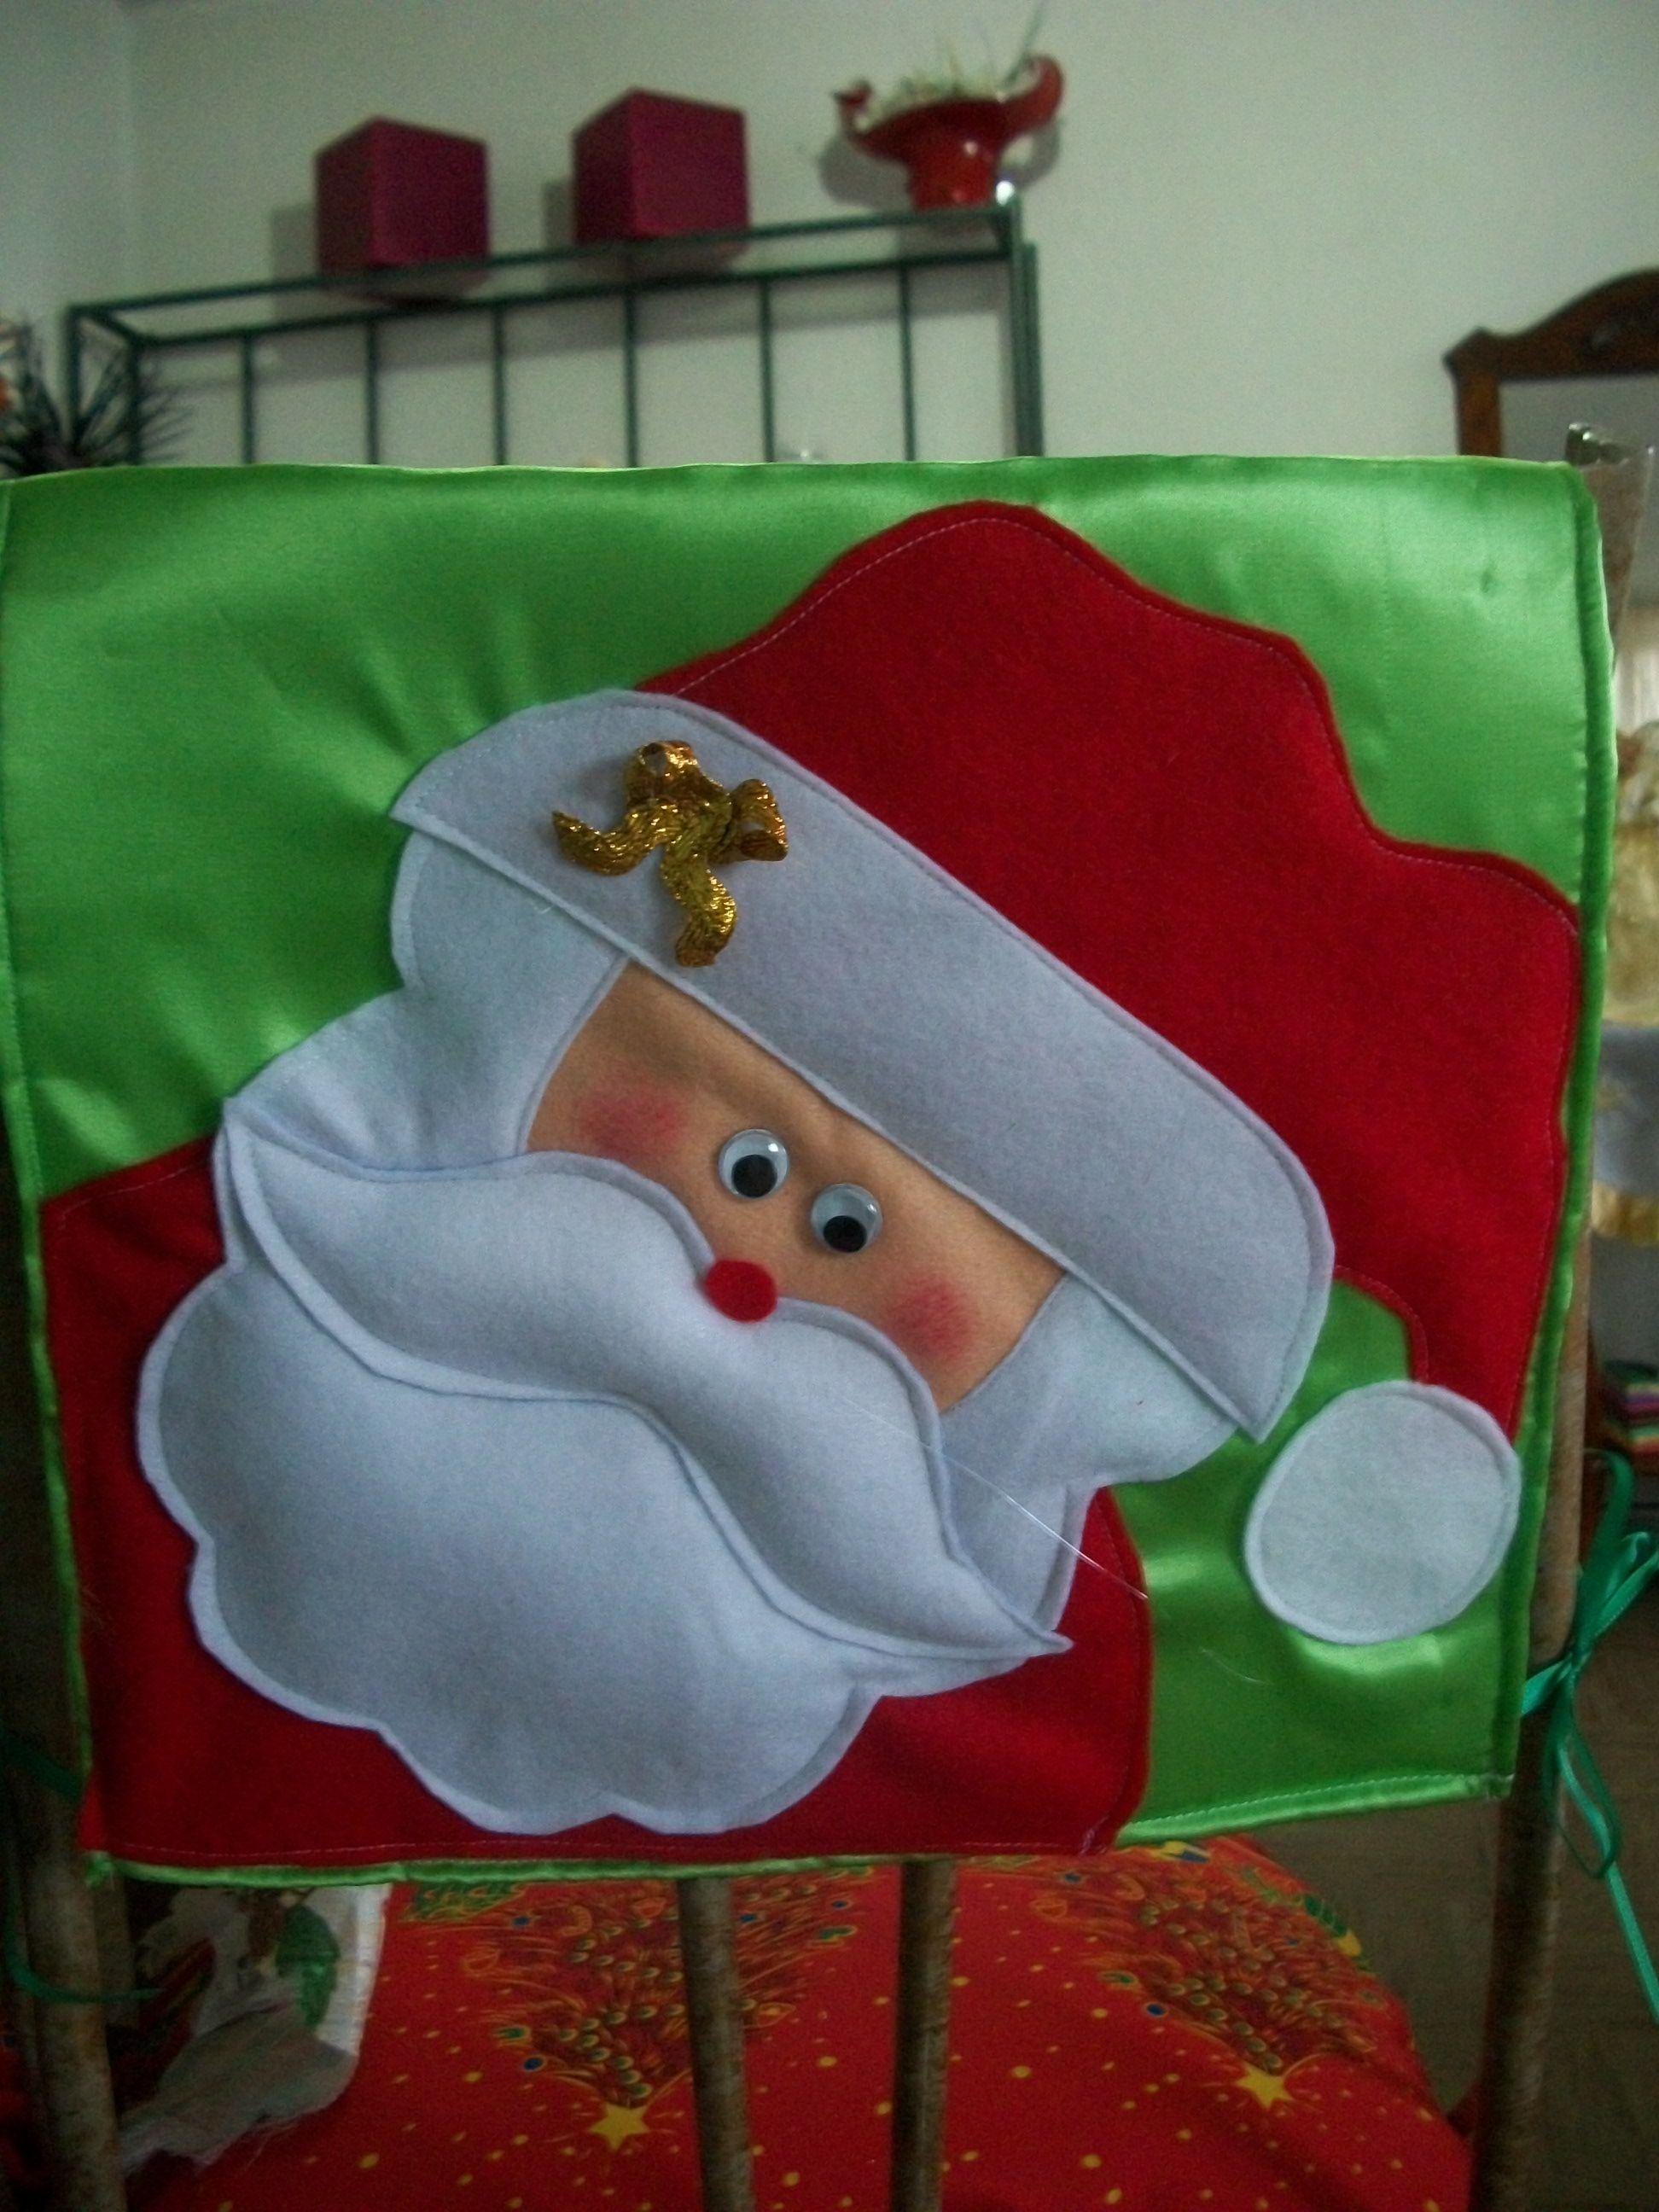 christmas chair covers pinterest harvard for sale cubresillas navideños propios